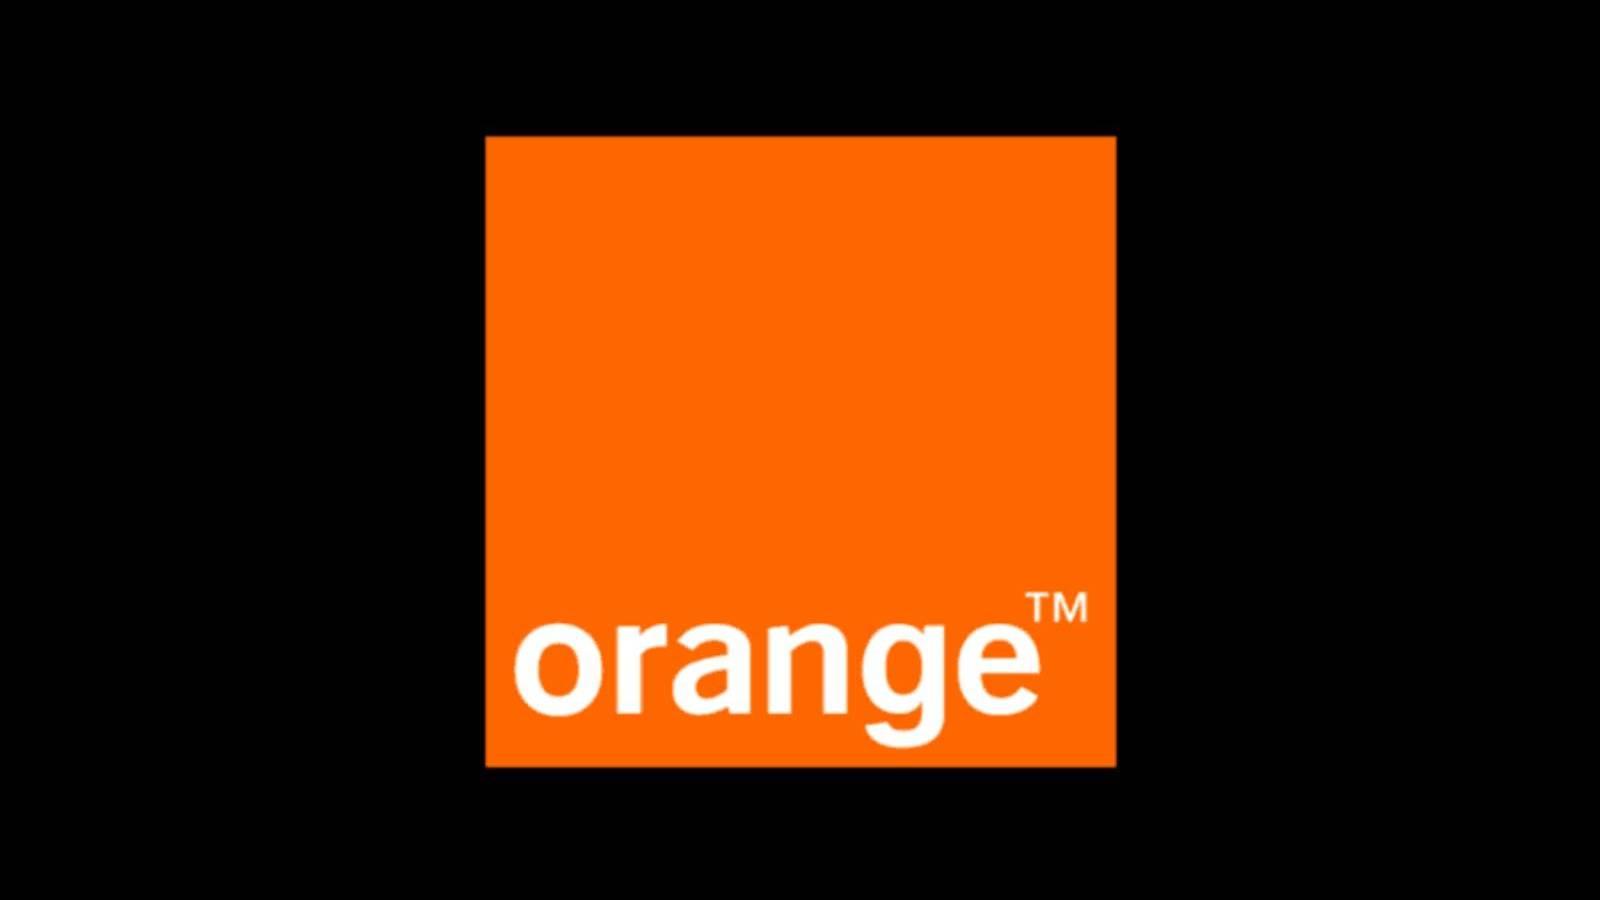 Orange joaca